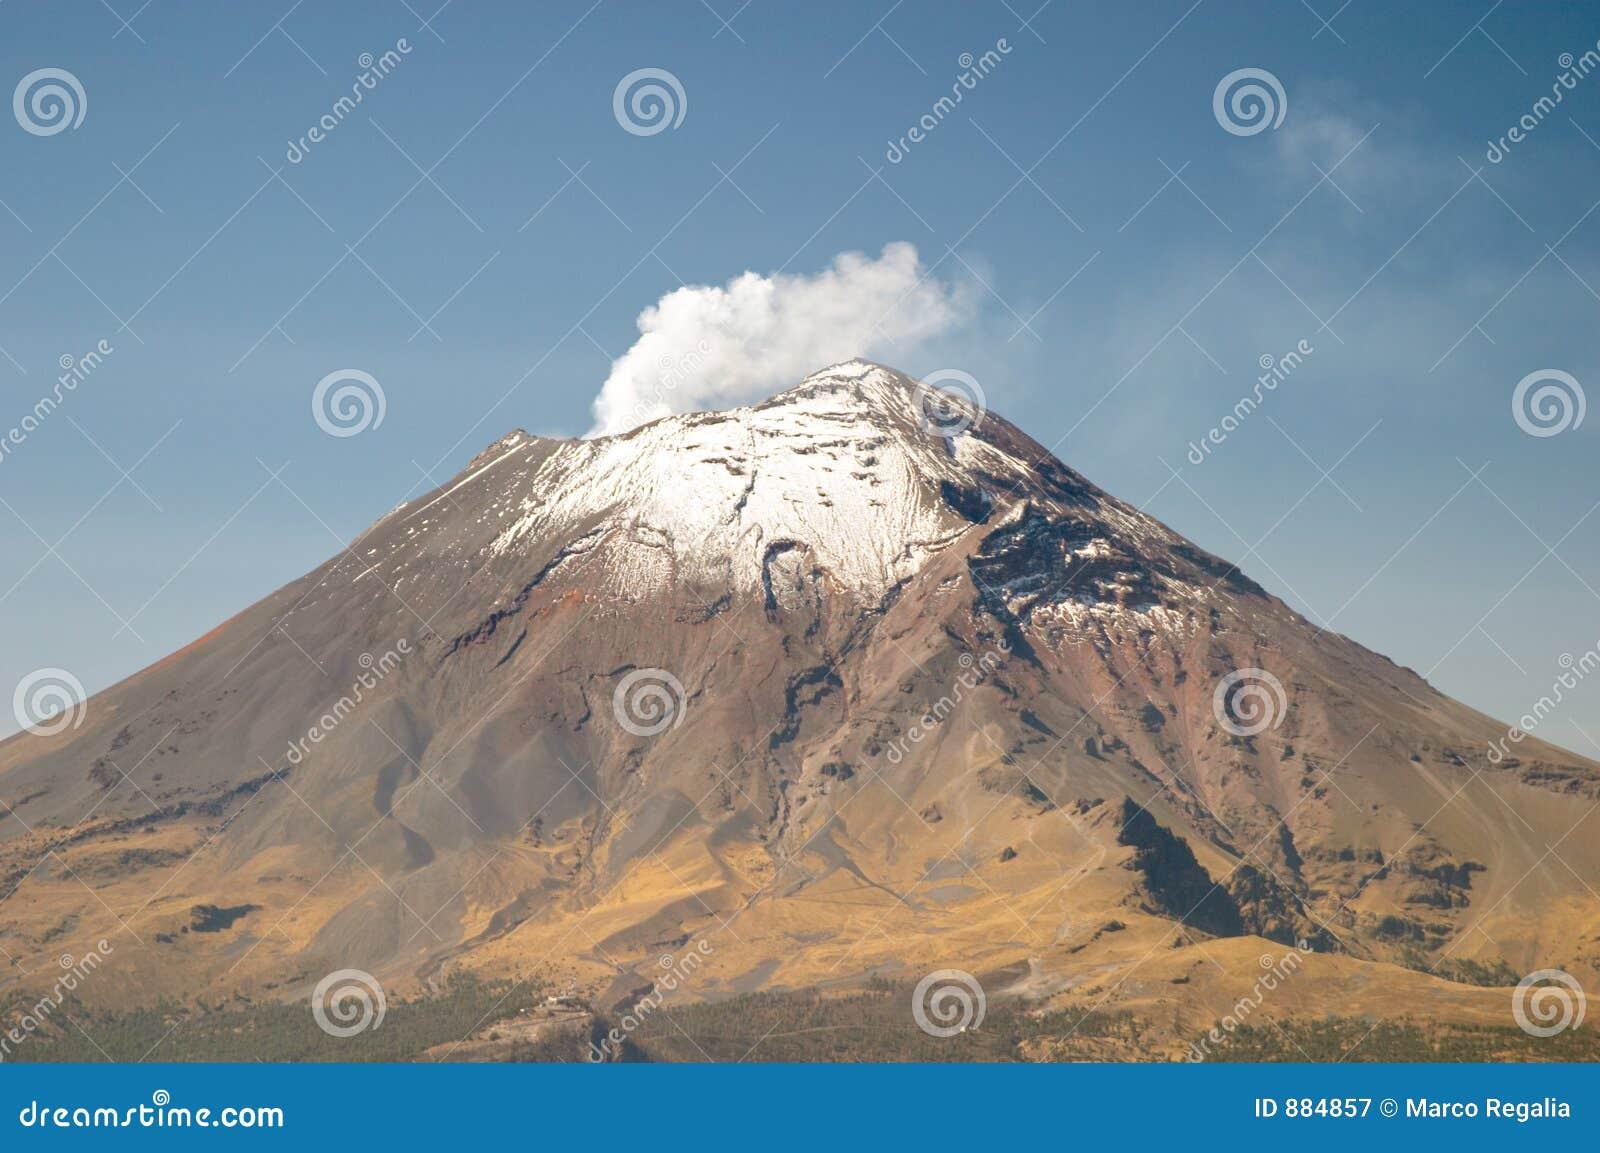 Volcán de Popocatepetl